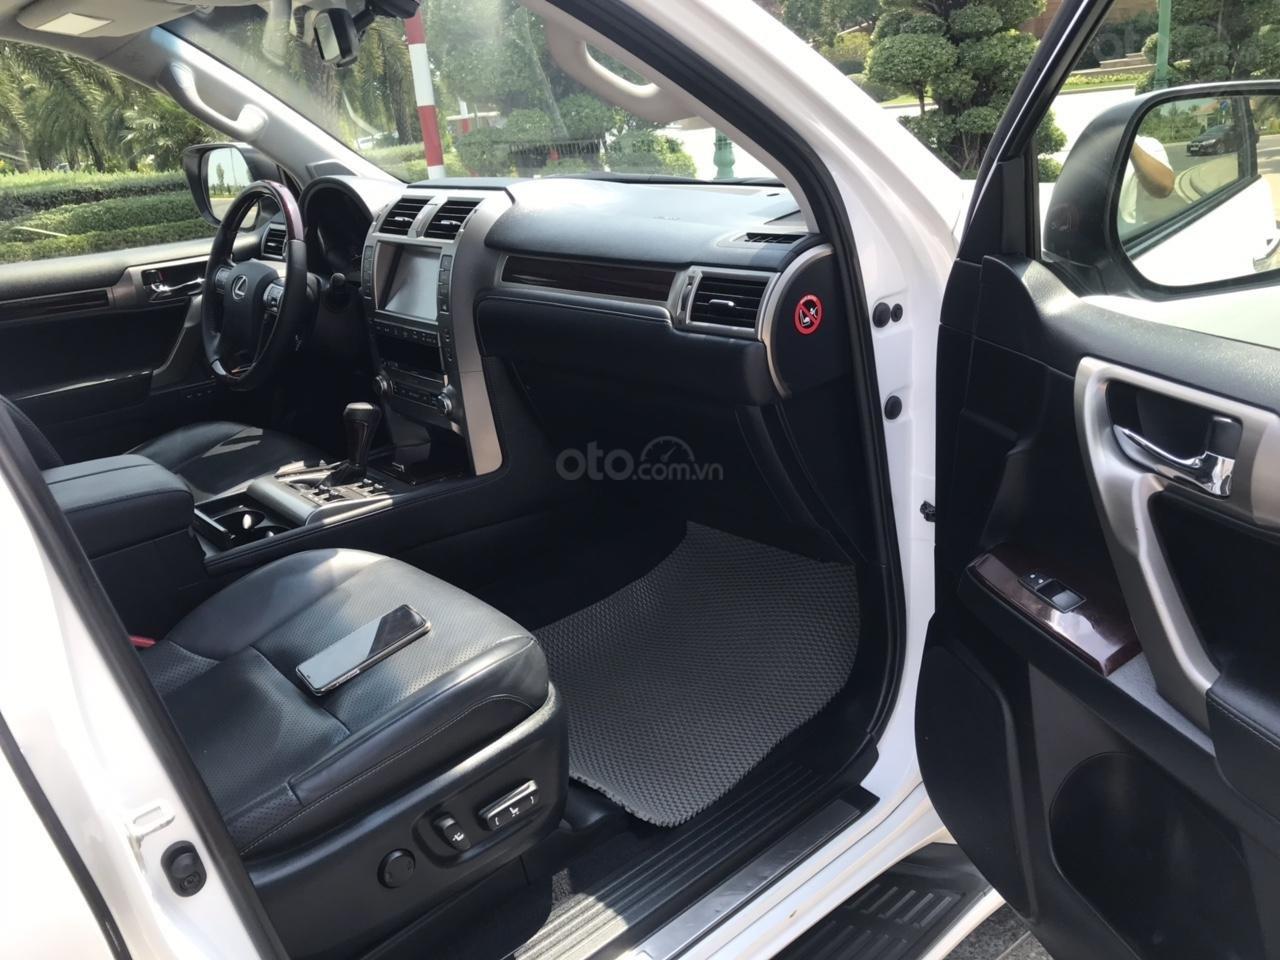 Bán xe Lexus GX460 Luxury 2016, màu trắng, bản đủ-8